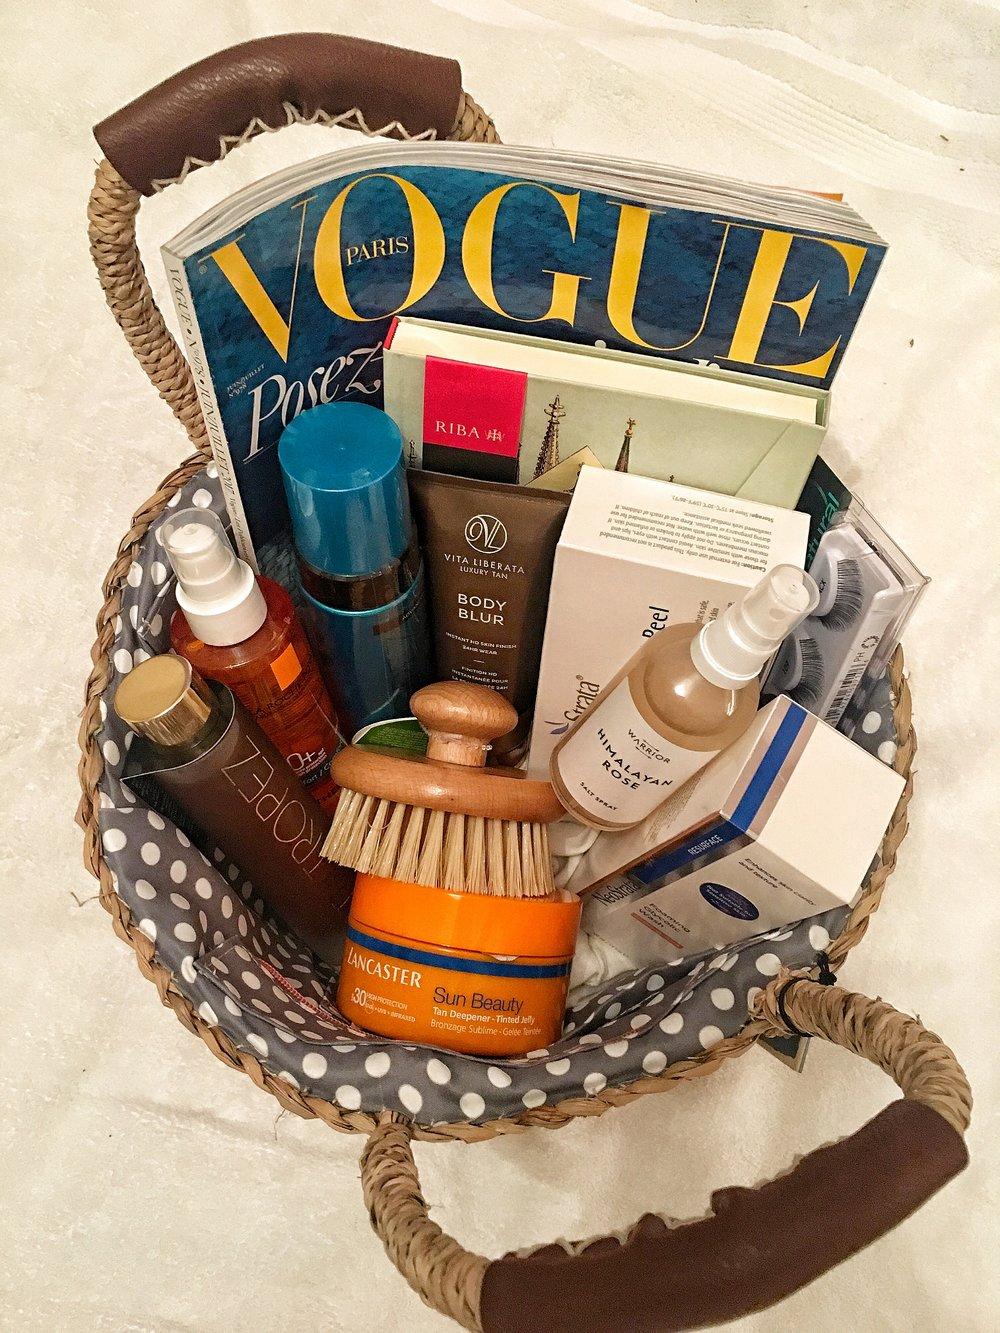 Summer in a basket